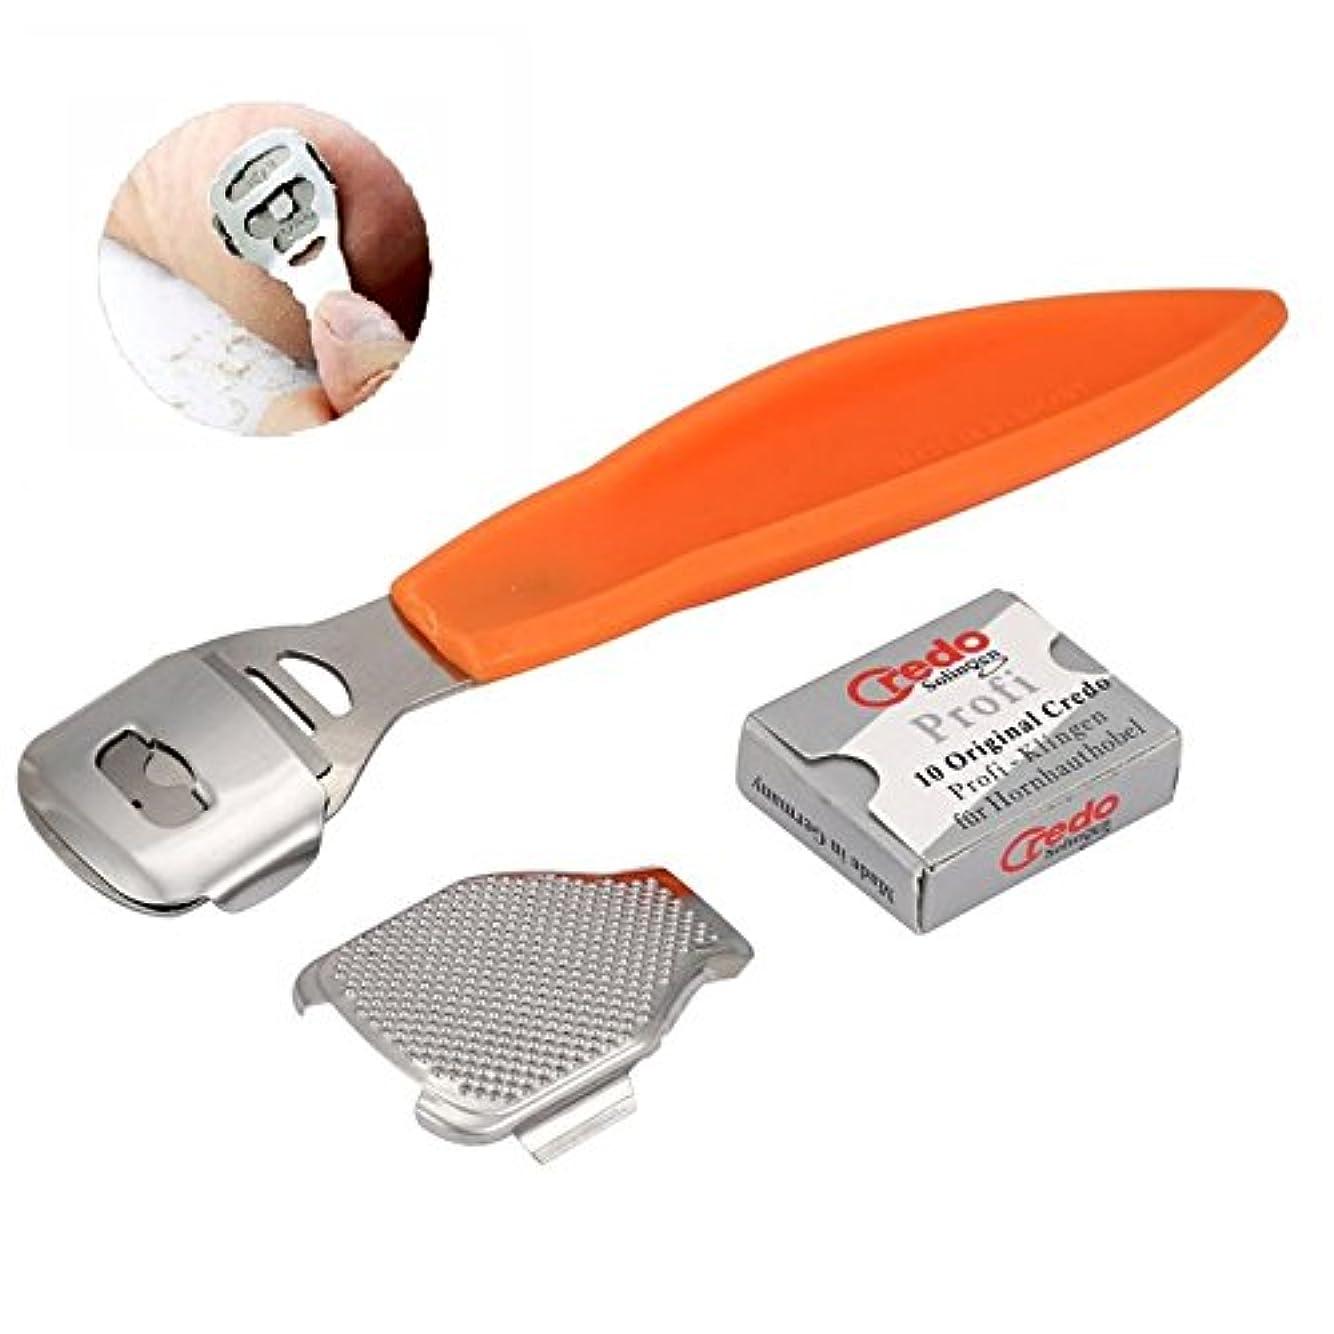 雑品伴うめるFoot File Set Callus Cuticle Remover Hard Dead Skin Shaver Scraper Foot File Blades Pedicure Tools Set Feet Care...